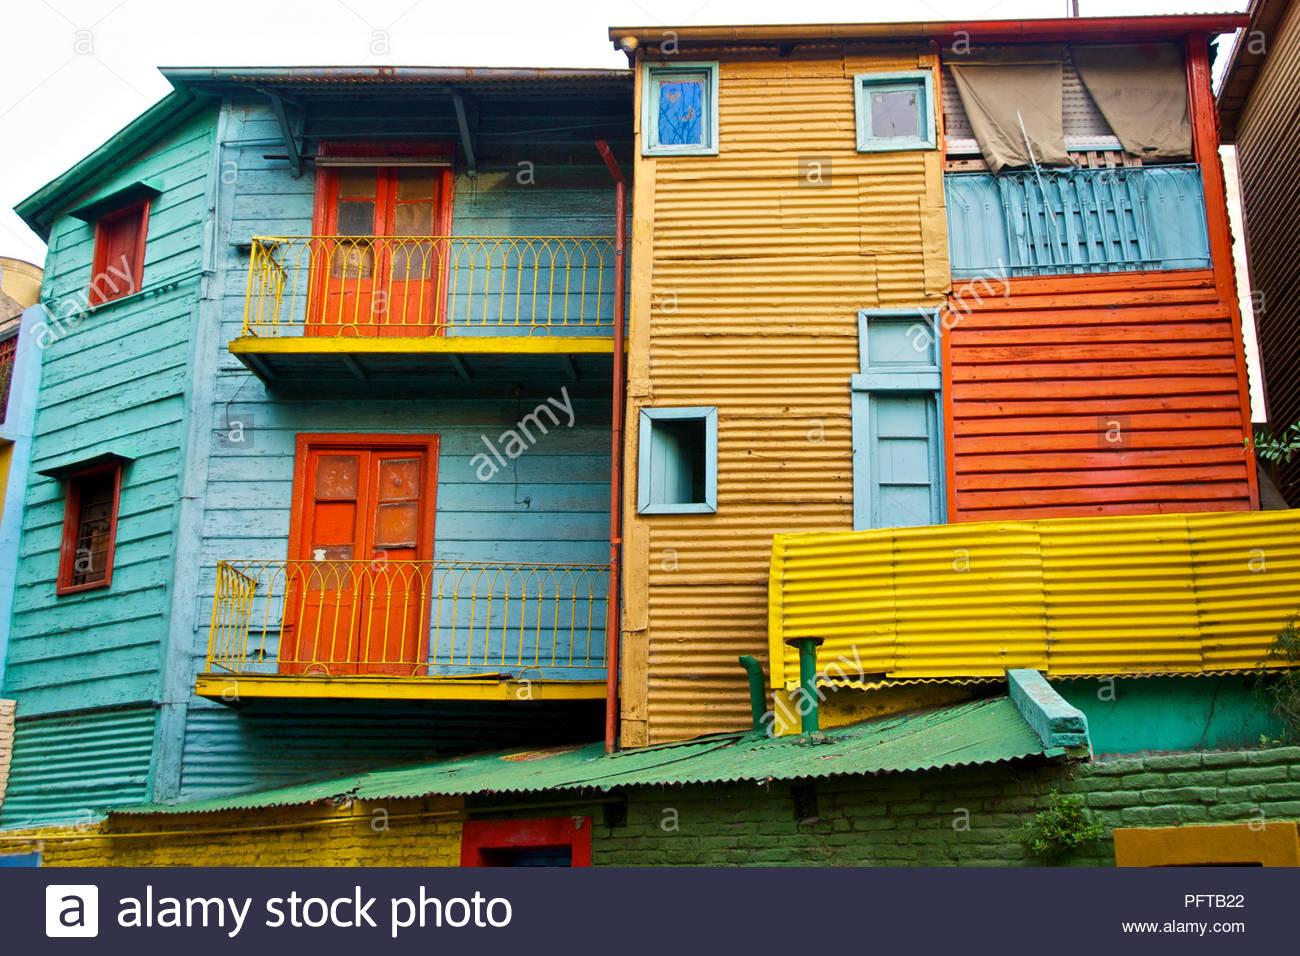 América del Sur, casas pintadas de colores El forro de la calle Caminito, en la boca de distrito, Buenos Aires, Argentina Imagen De Stock